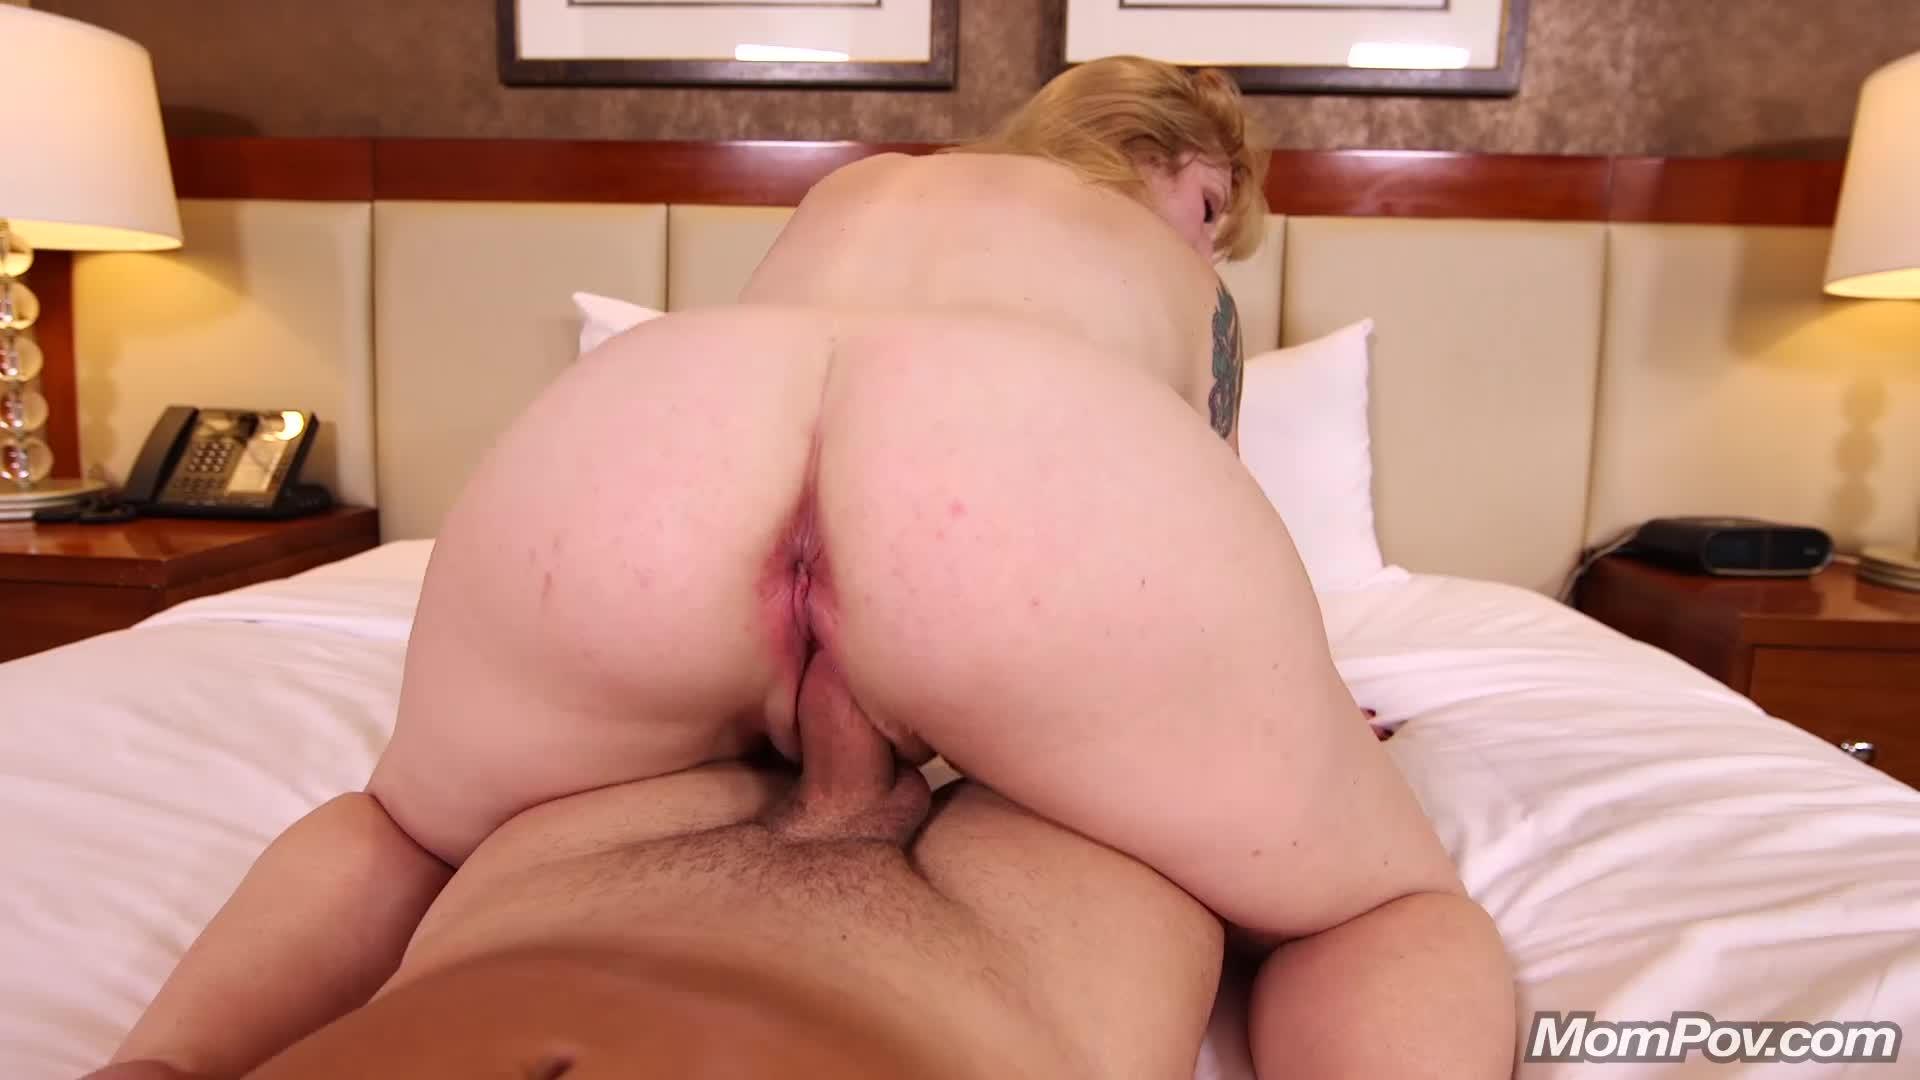 Hd Natural Big Tits Teen